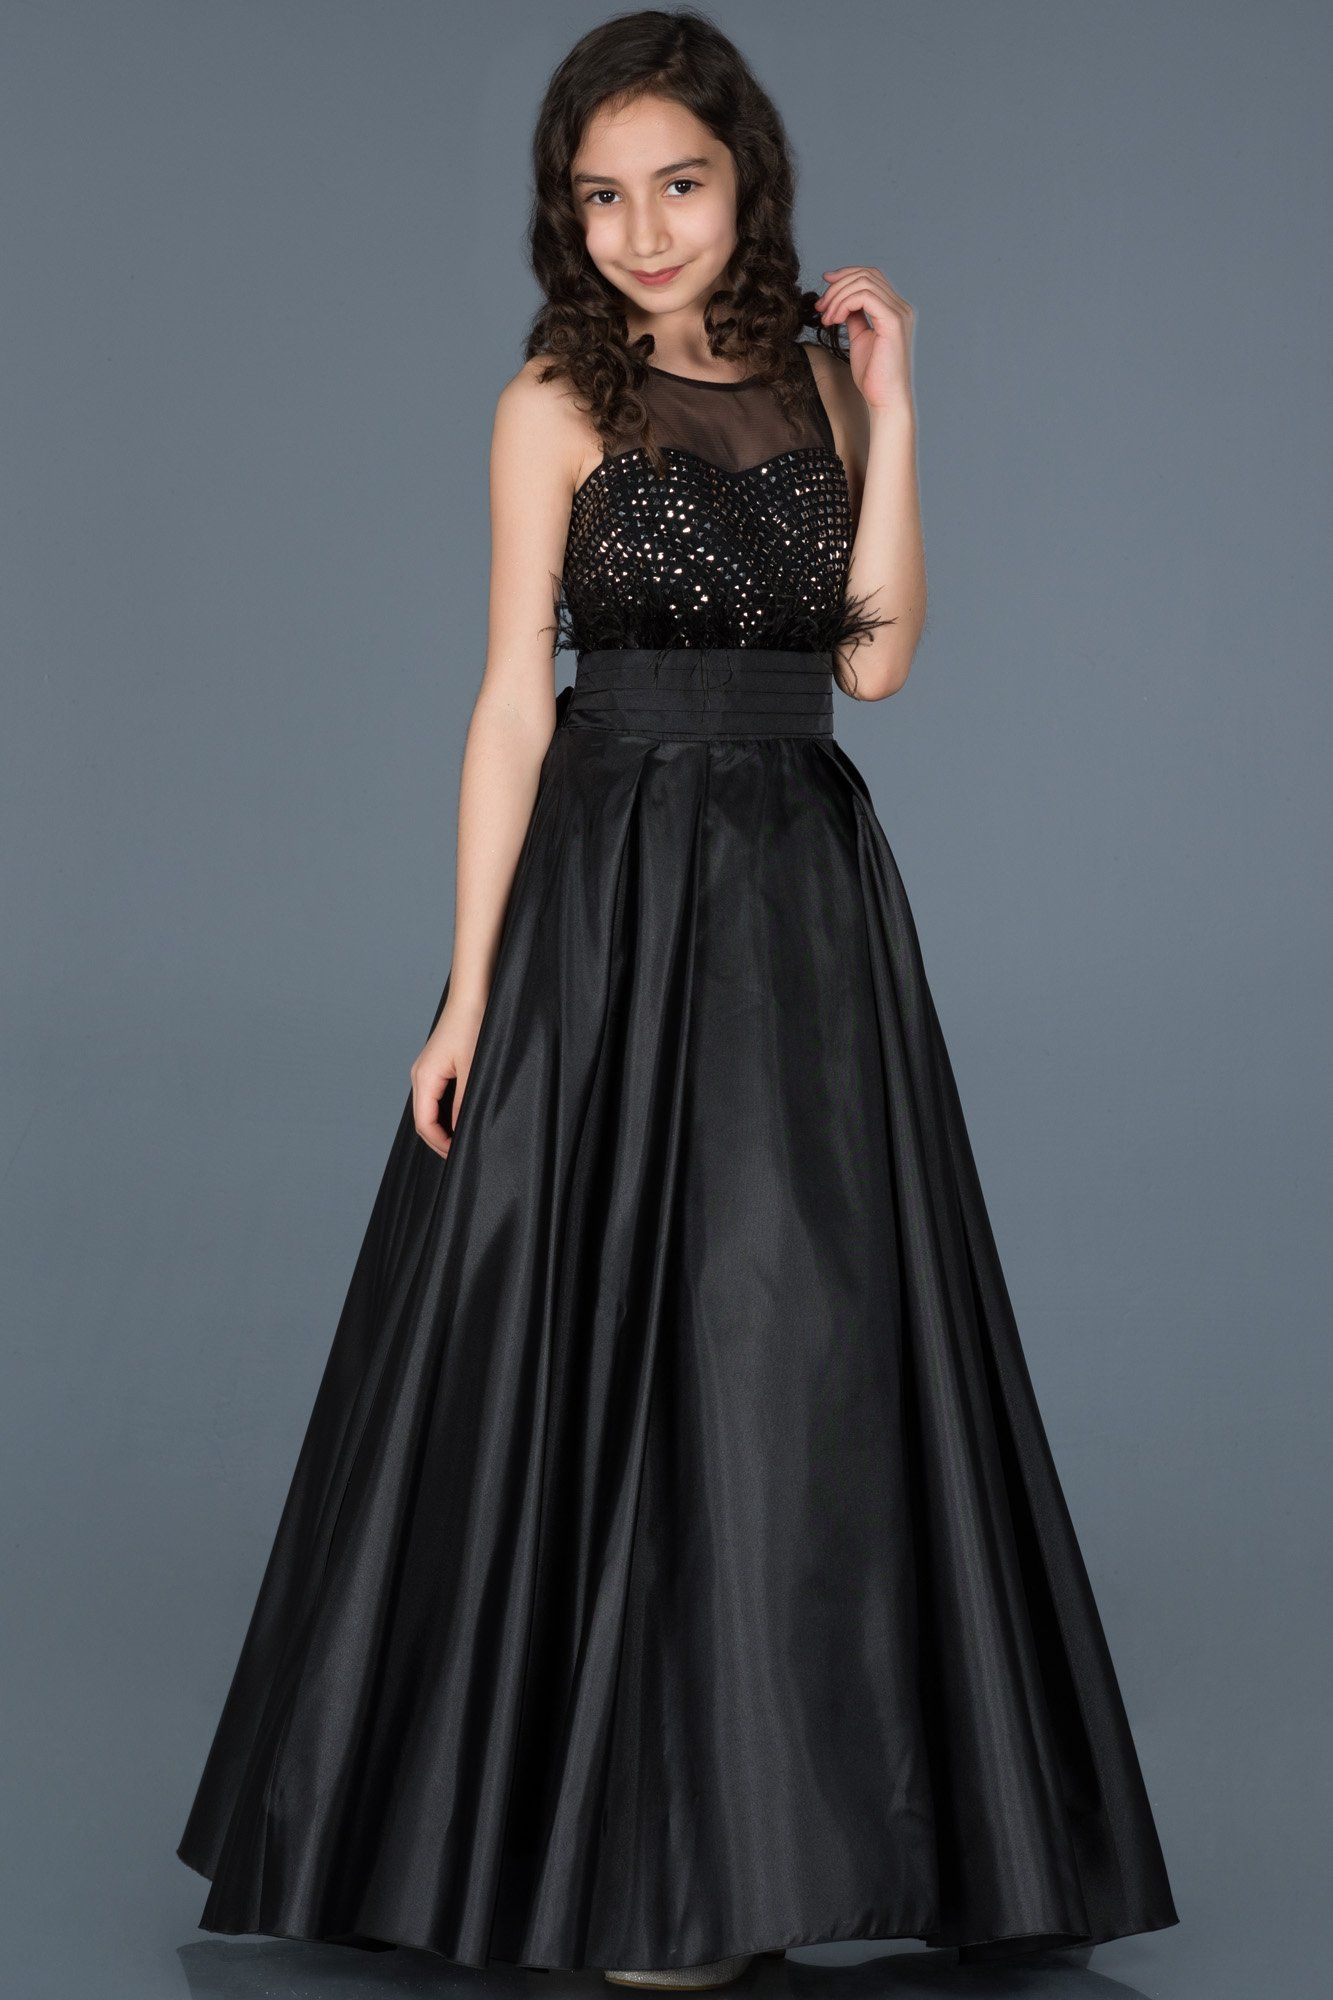 Siyah Uzun Otris Detayli Saten Cocuk Abiye Abu740 Moda Stilleri Alternatif Giyim Kadin Elbiseleri